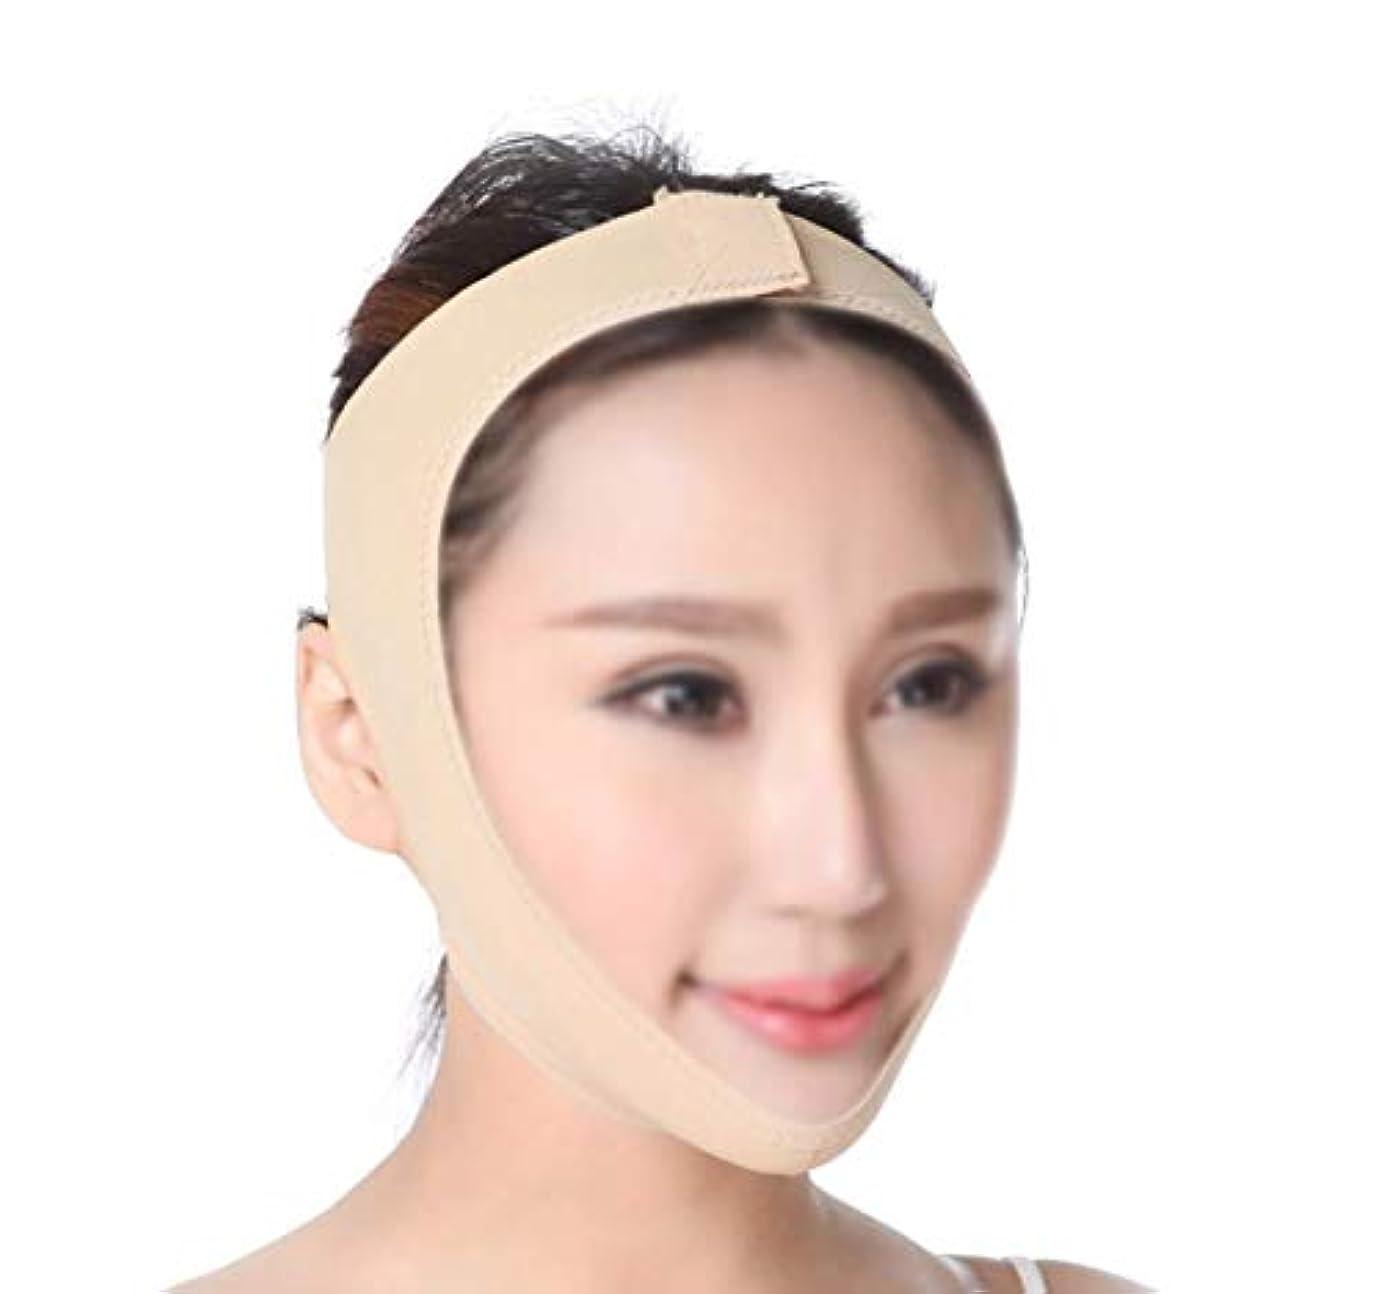 退屈させる知覚できる文字通りフェイスリフティング包帯、フェイシャル減量アンチシワケアフェイスリフトで肌を引き締め、二重あごを効果的に改善し、V字型の顔になります(サイズ:S),S